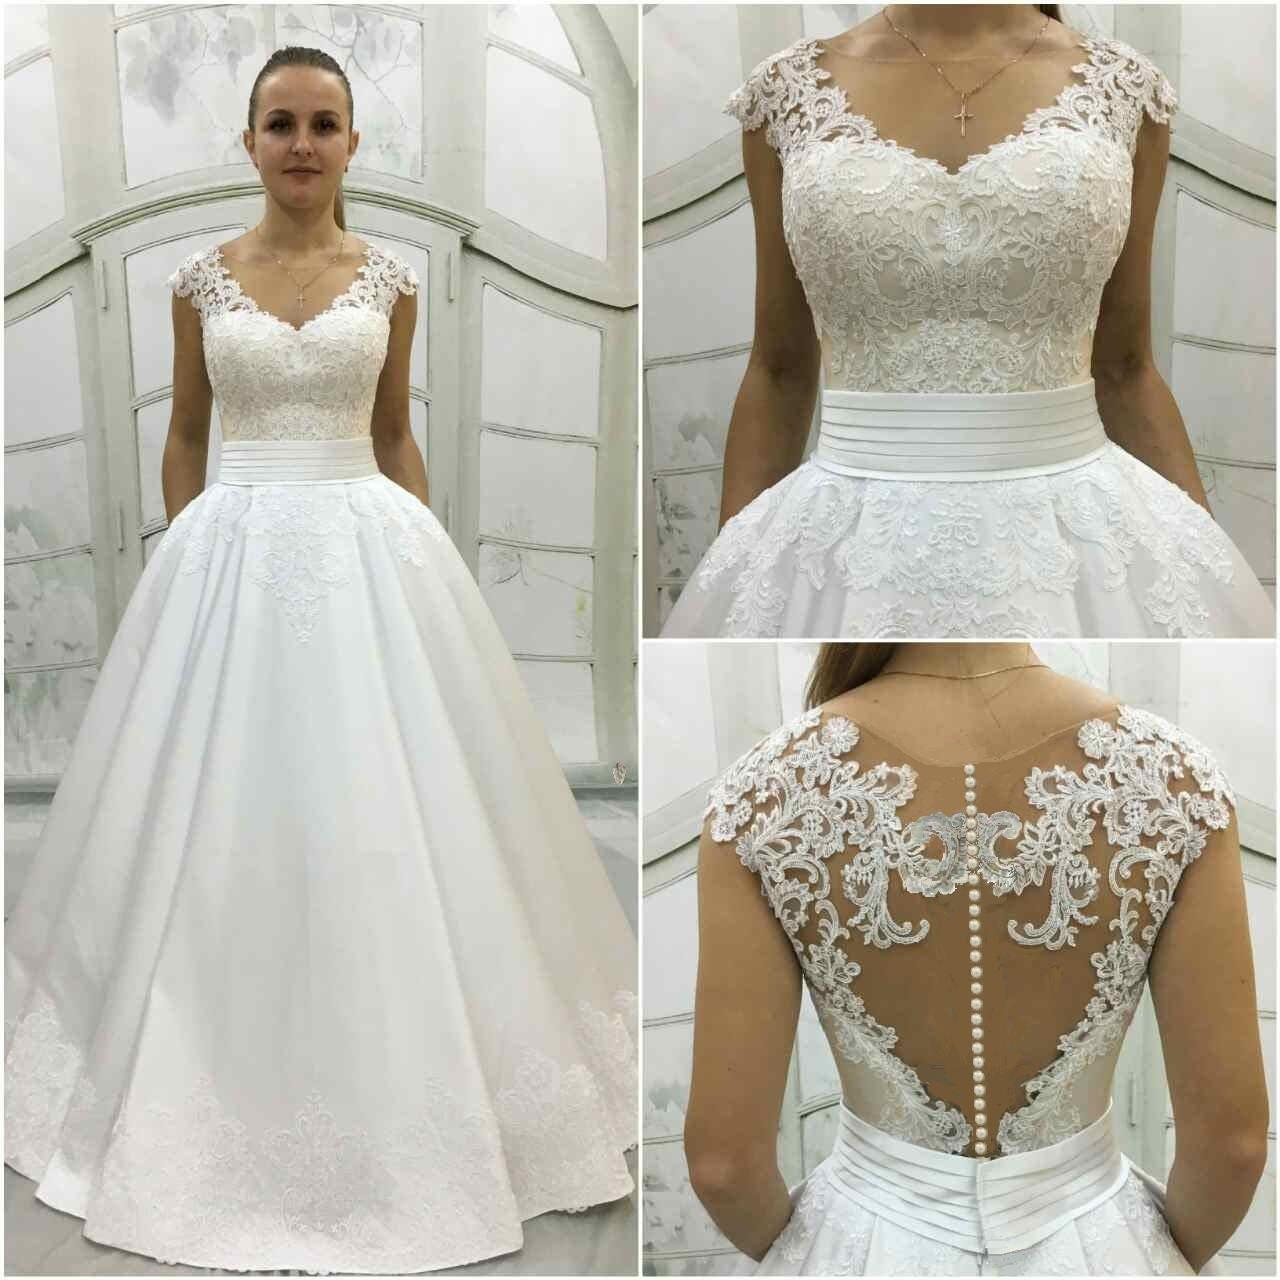 Charmant Vintage Inspirierte Hochzeitskleider Australien Ideen ...